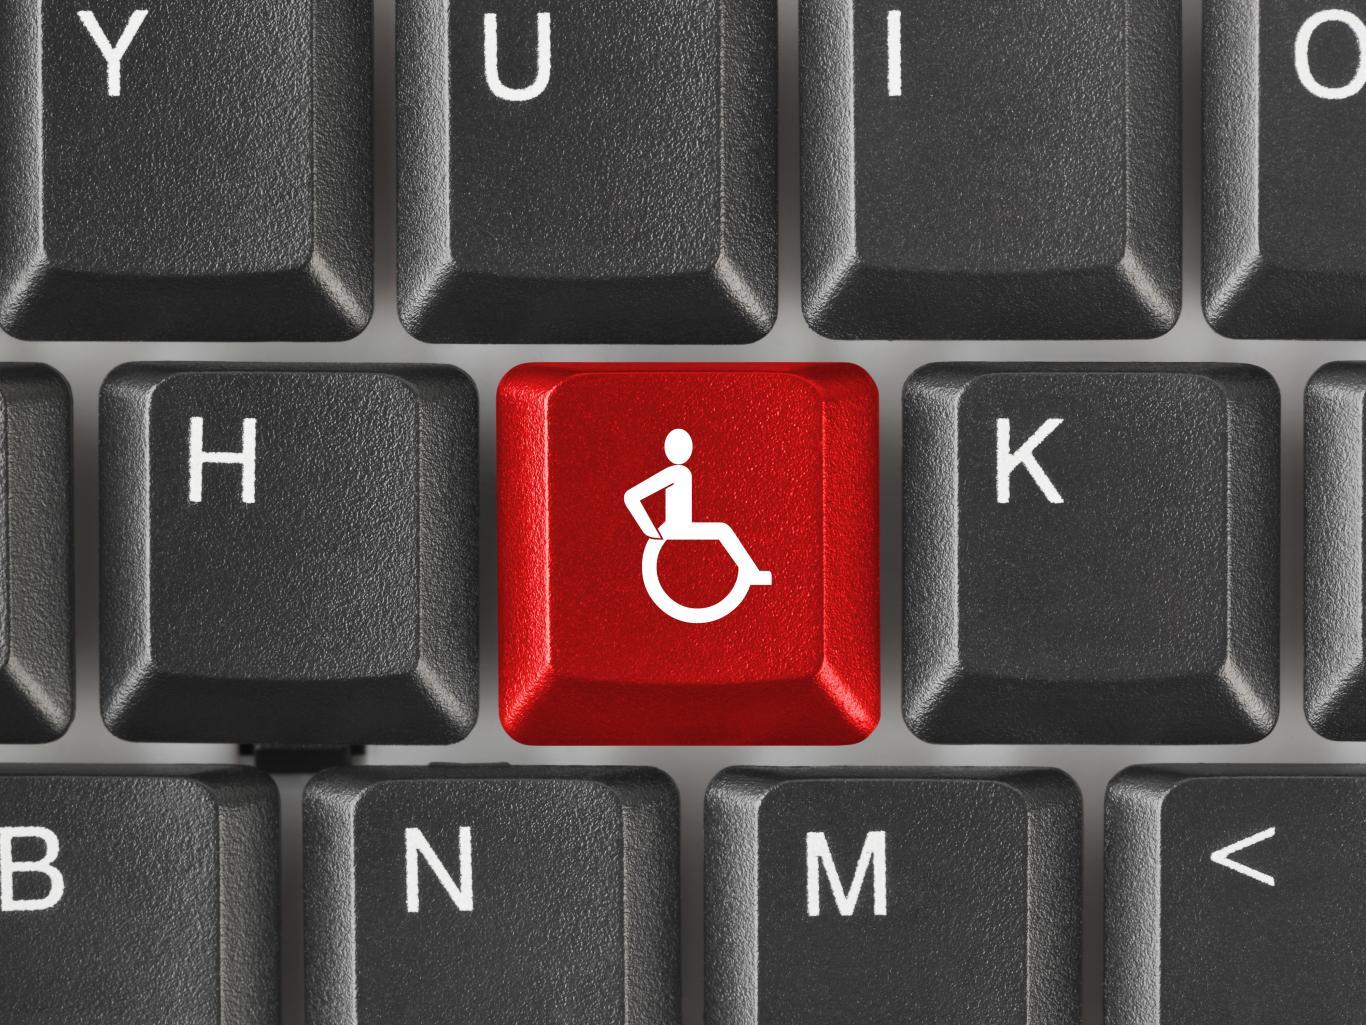 Imagen de teclado